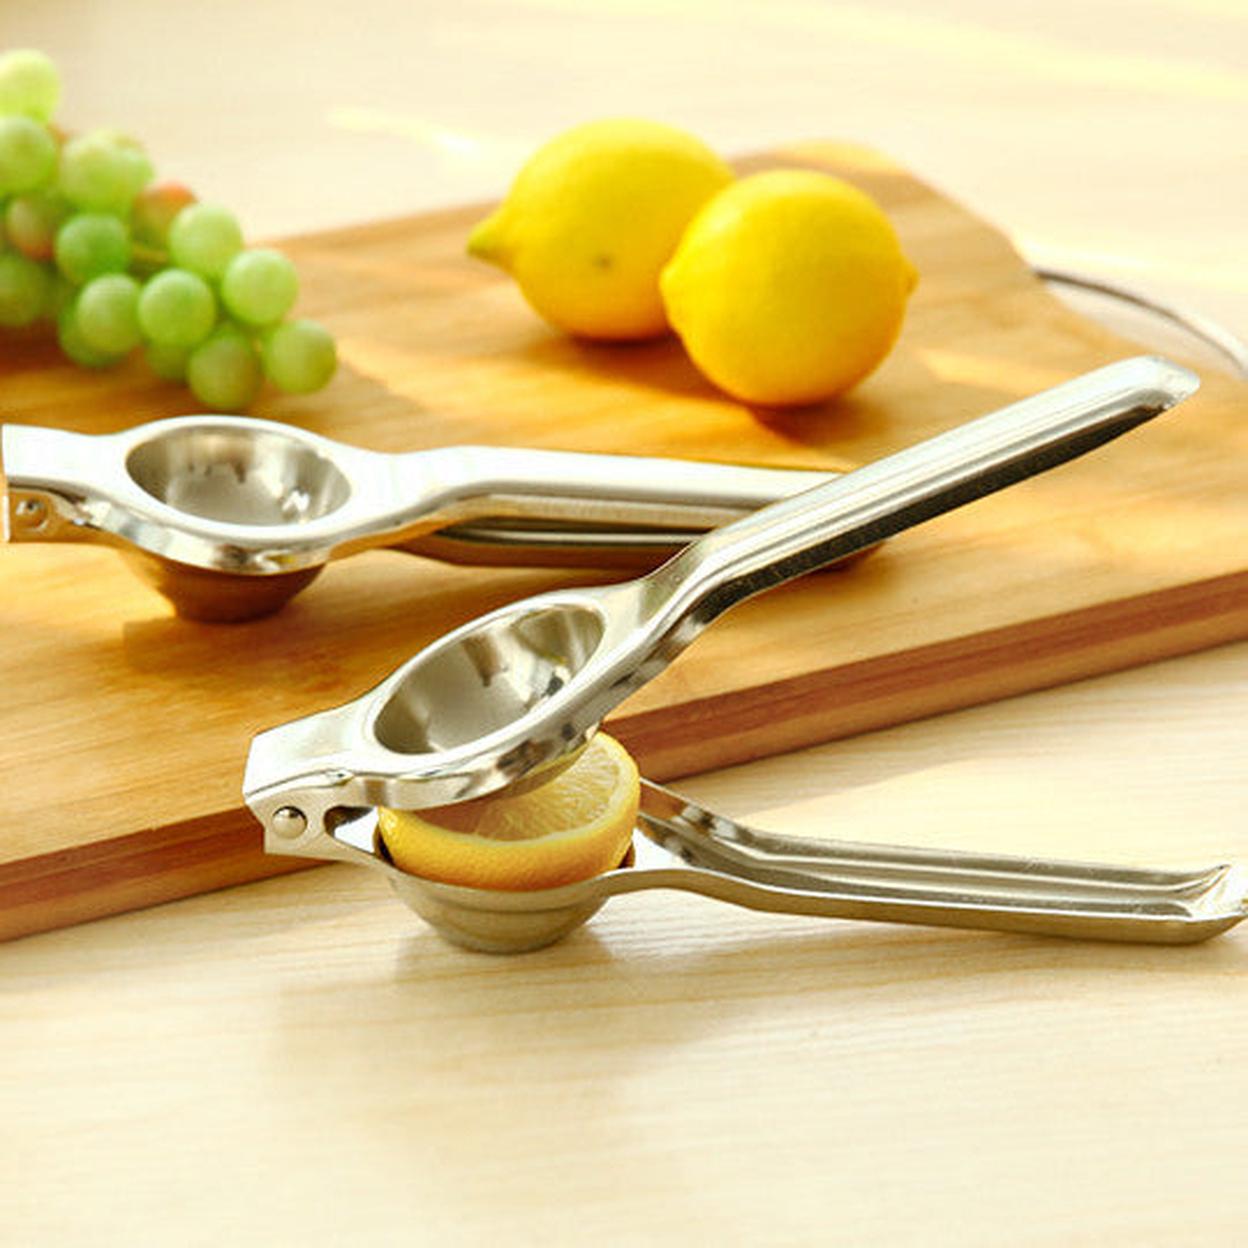 Limona Lemon Press Jumbo Size For The Love Of Lemons 578ffb93927b0c38e72def0d